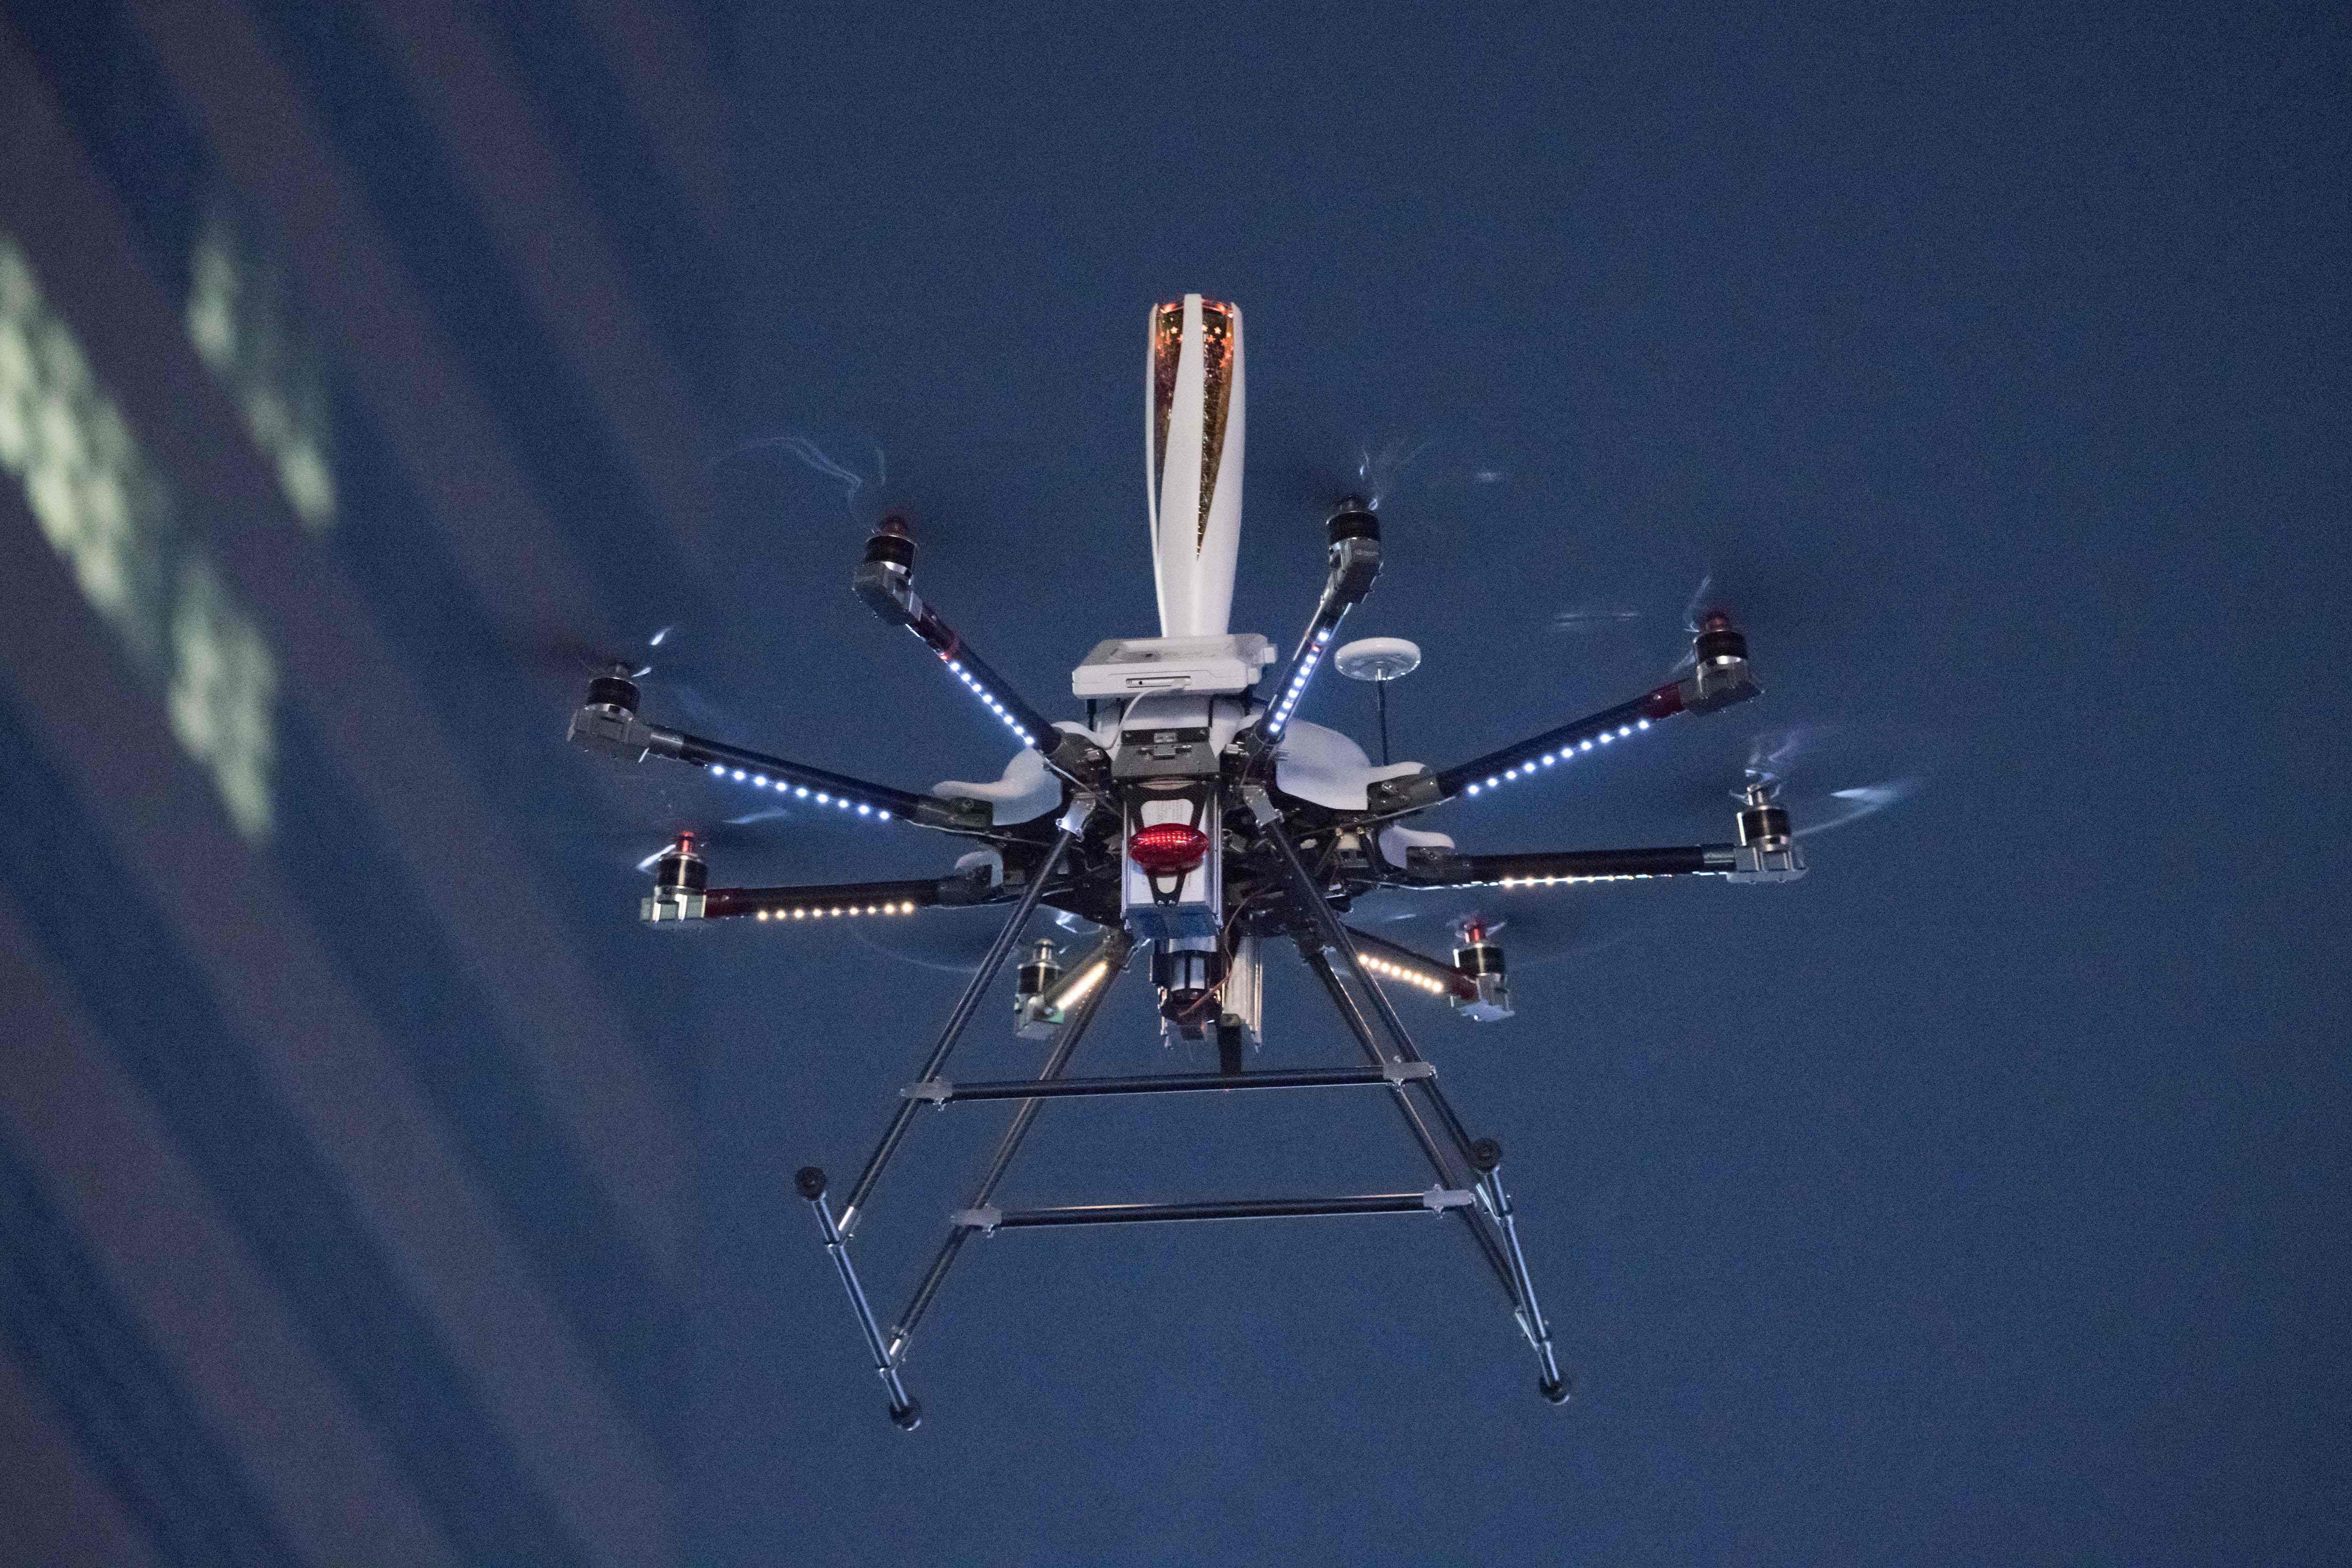 طائرة بدون طيار تحمل الشعلة الأولمبية فى شوارع سيول